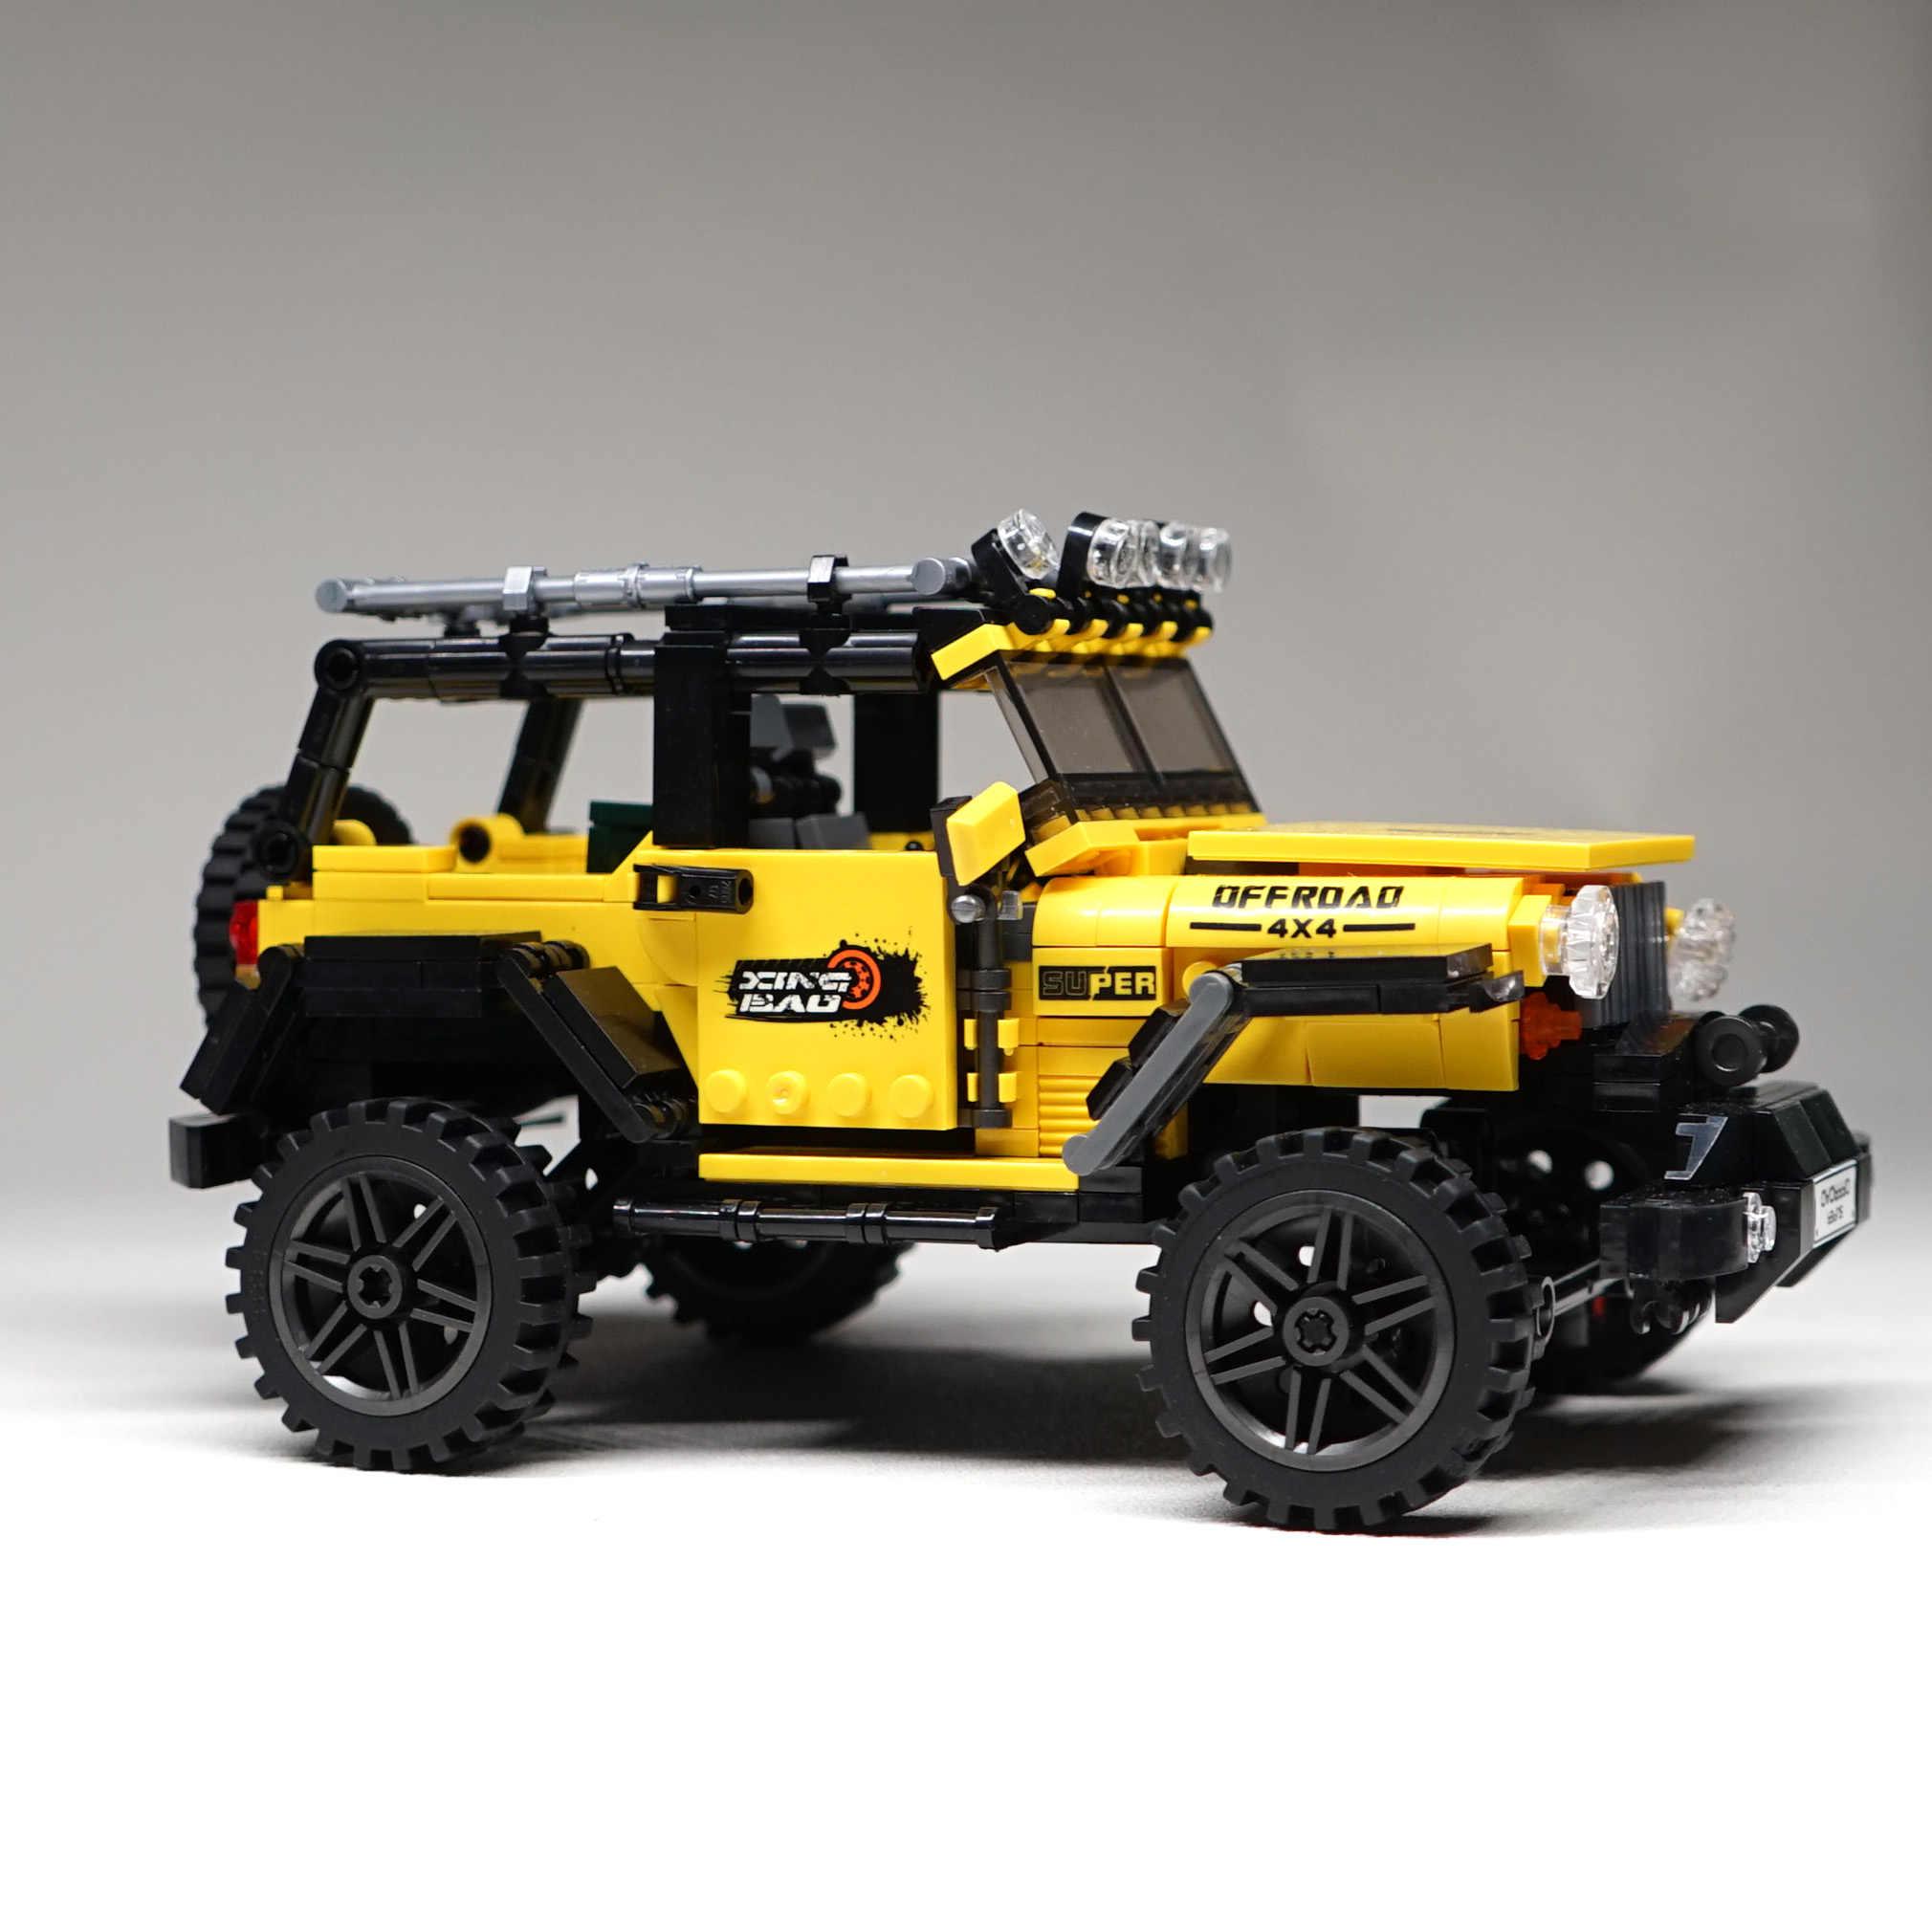 8x8 ATV Technic voiture modèle blocs de construction briques jouets 23006 Hatchback 23012 Arakawa Compatible avec lavant